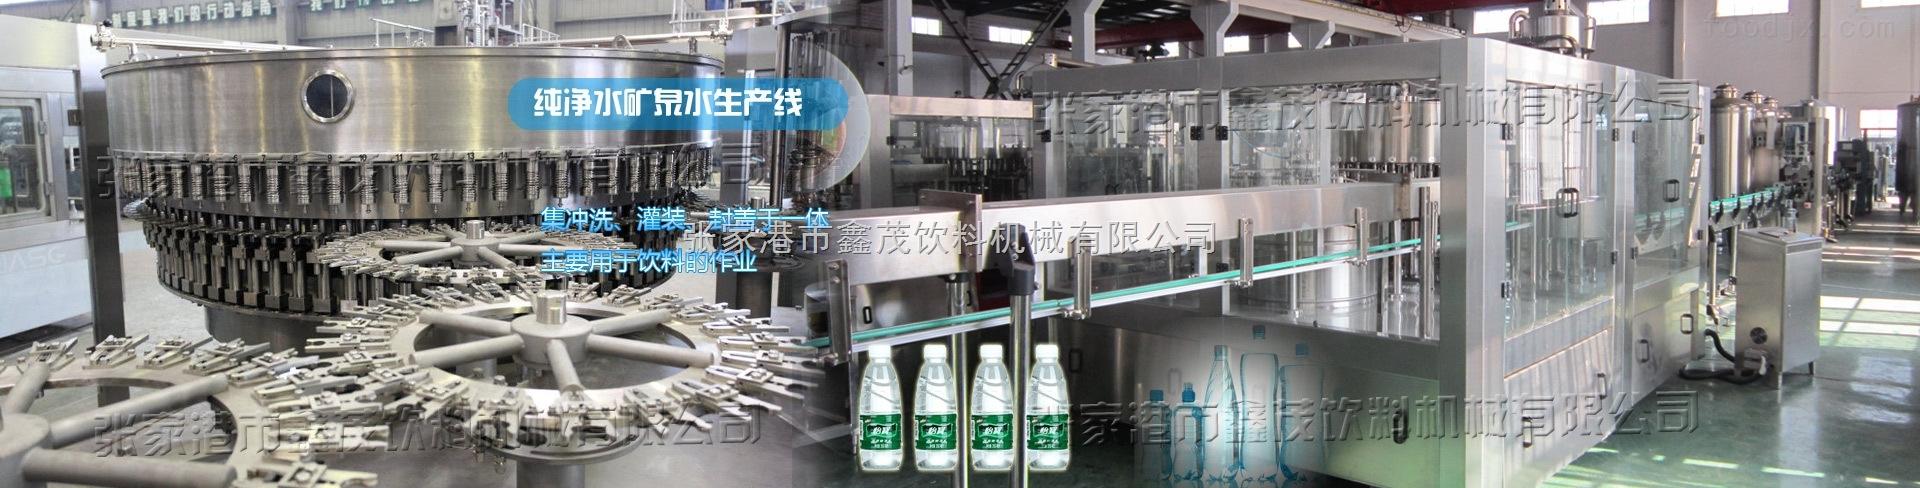 全自动瓶装水生产线